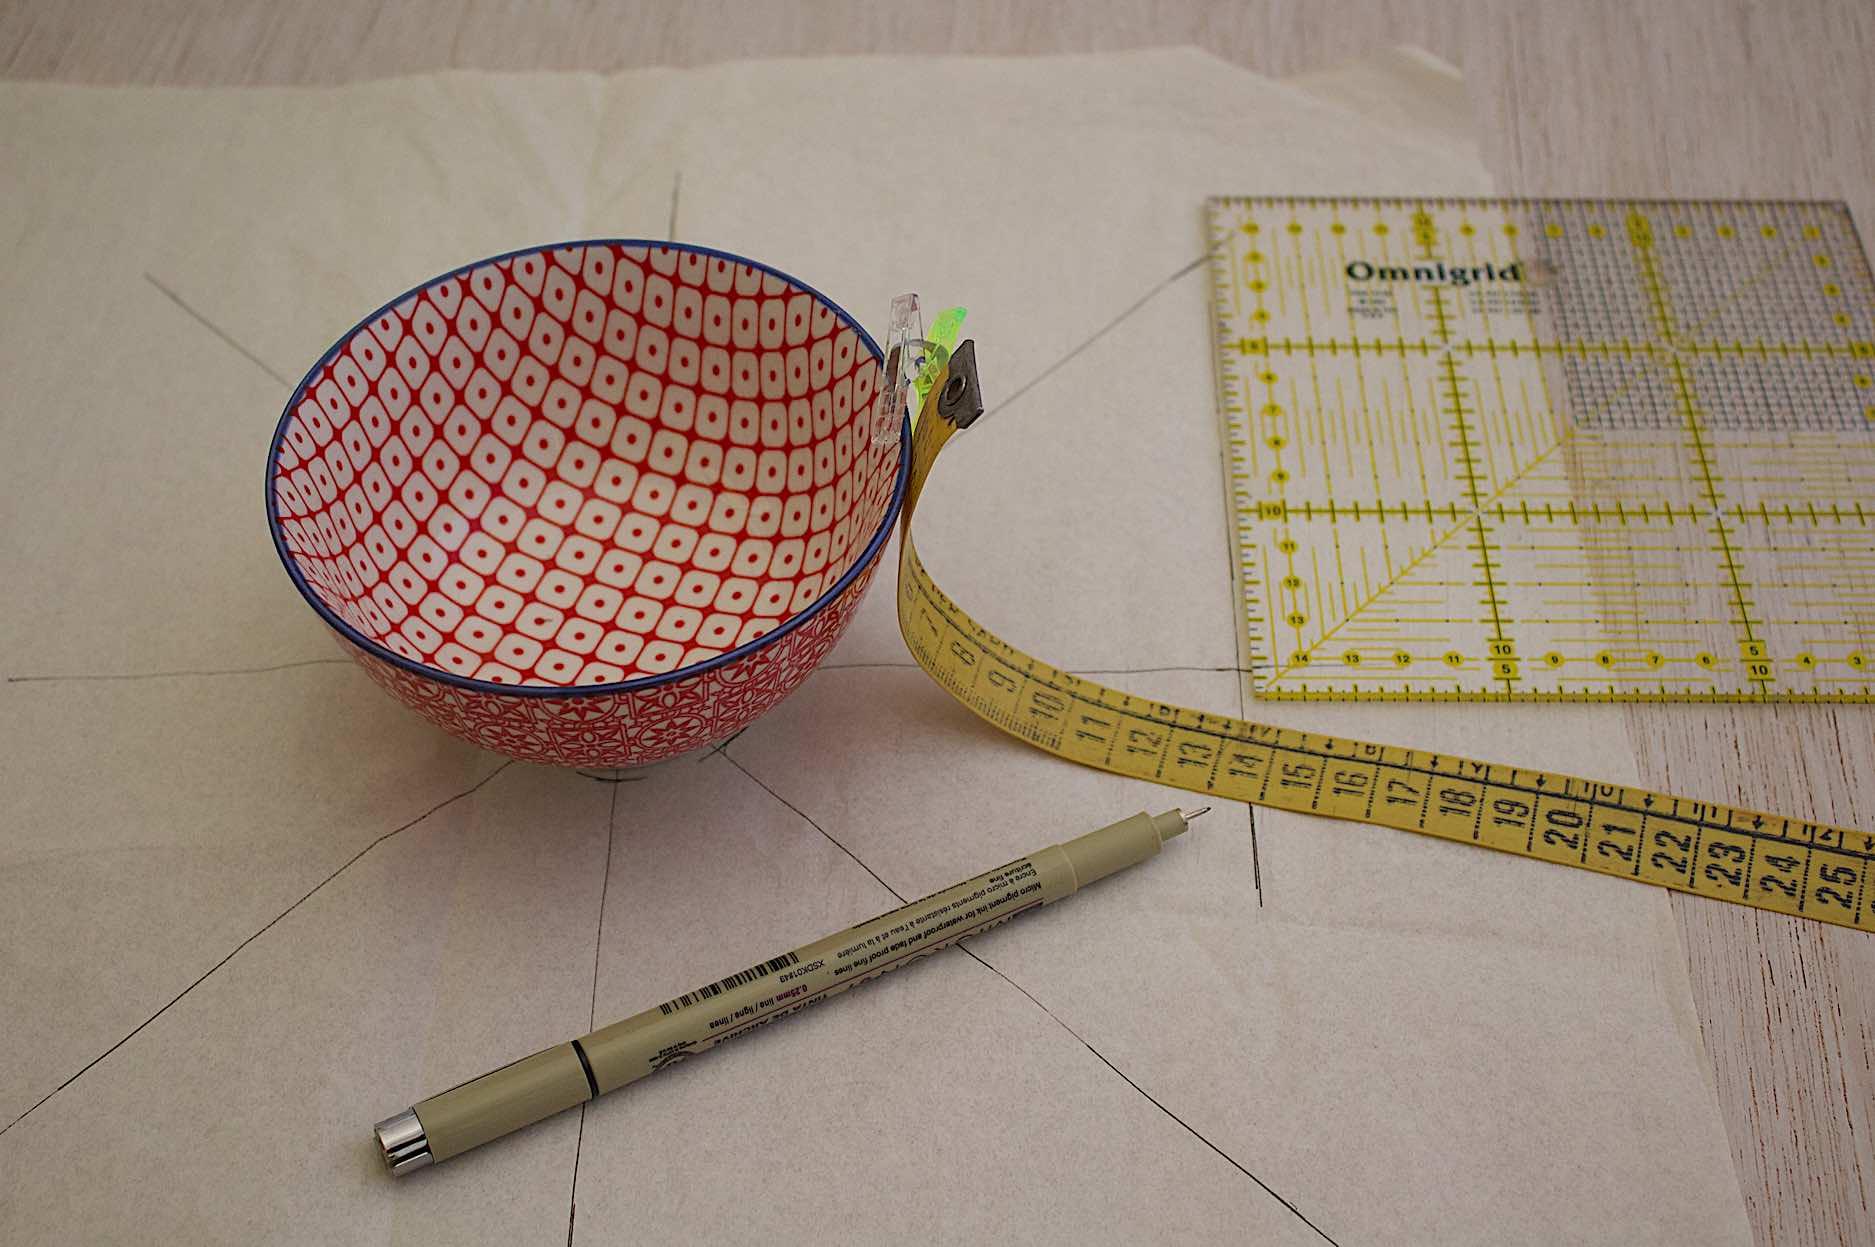 calcolare l'altezza del contenitore che sarà posto all'interno del piatto termico